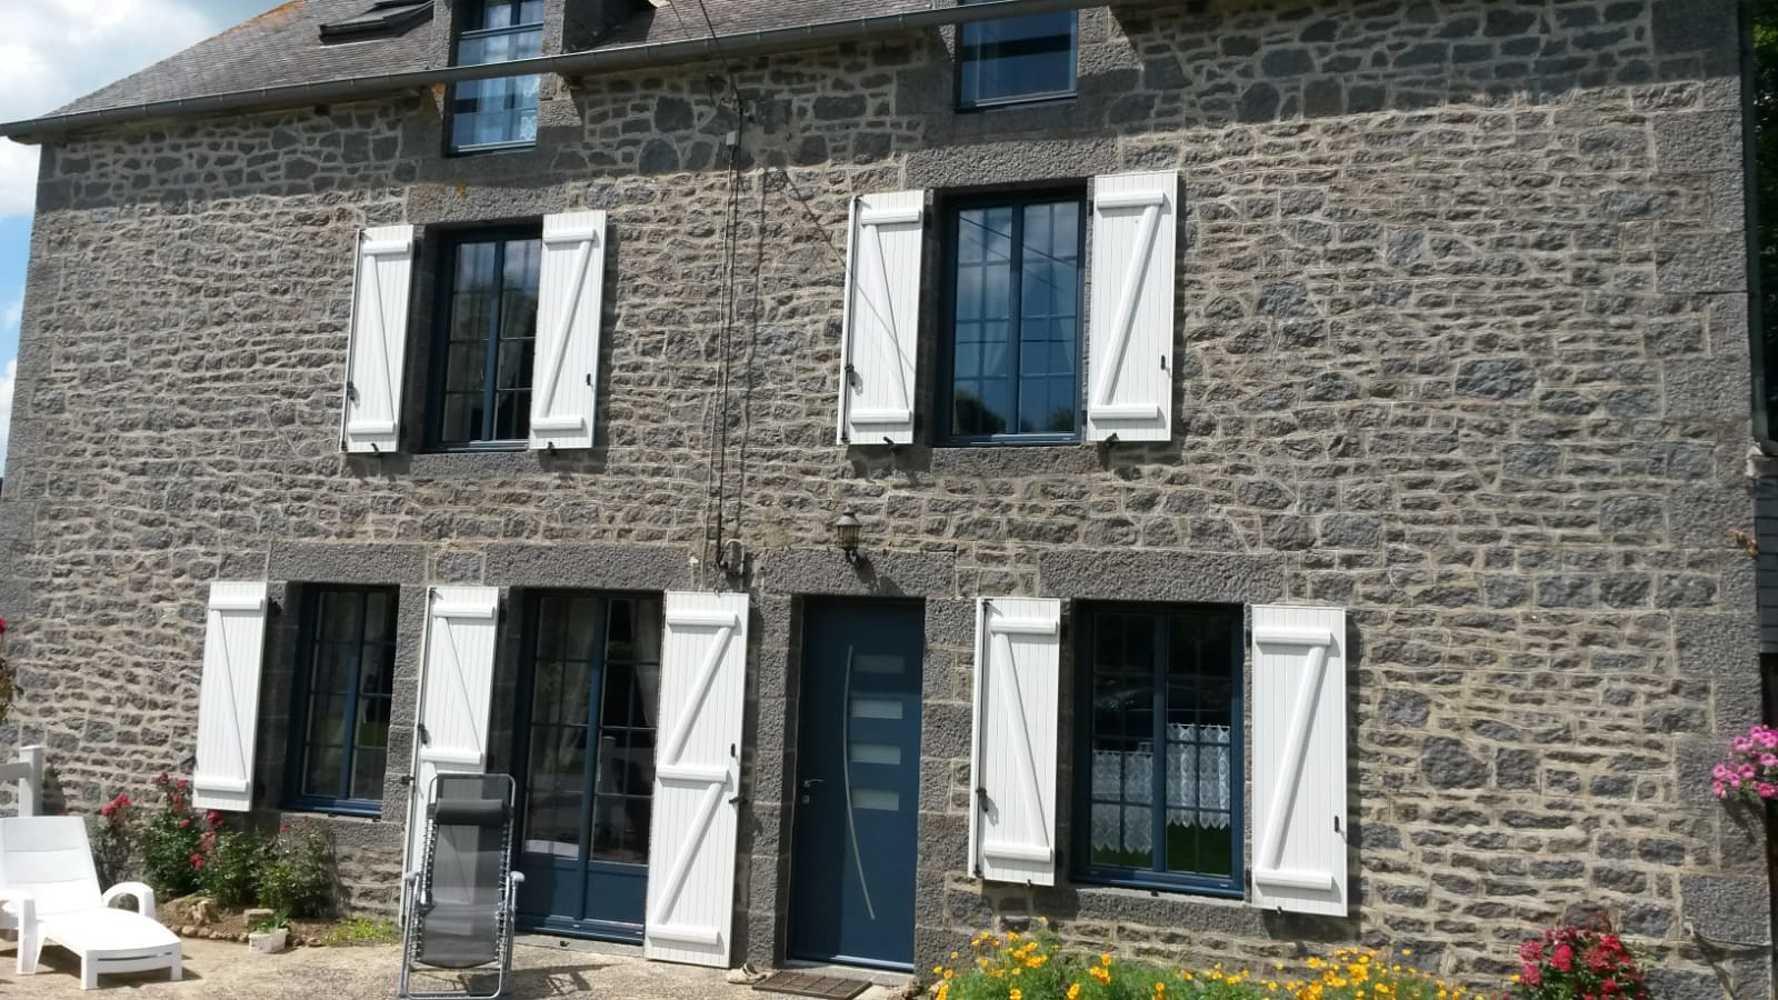 Rénovation porte entrée alu fenêtres la française alu et volets battants 0